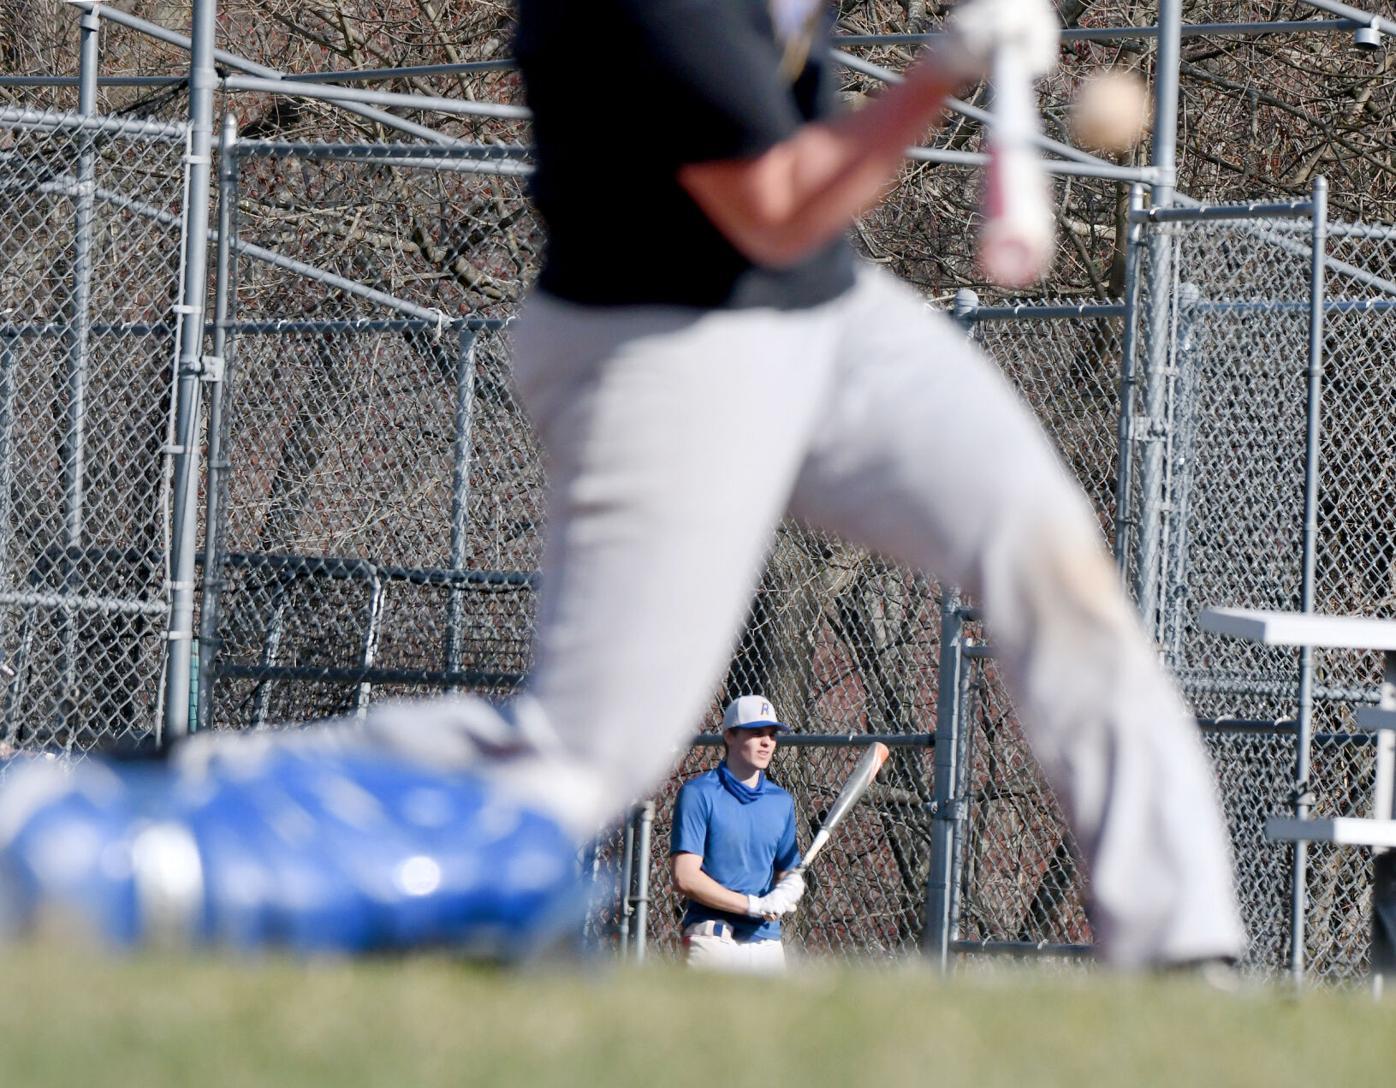 040621 VE Baseball Preview 01.jpg